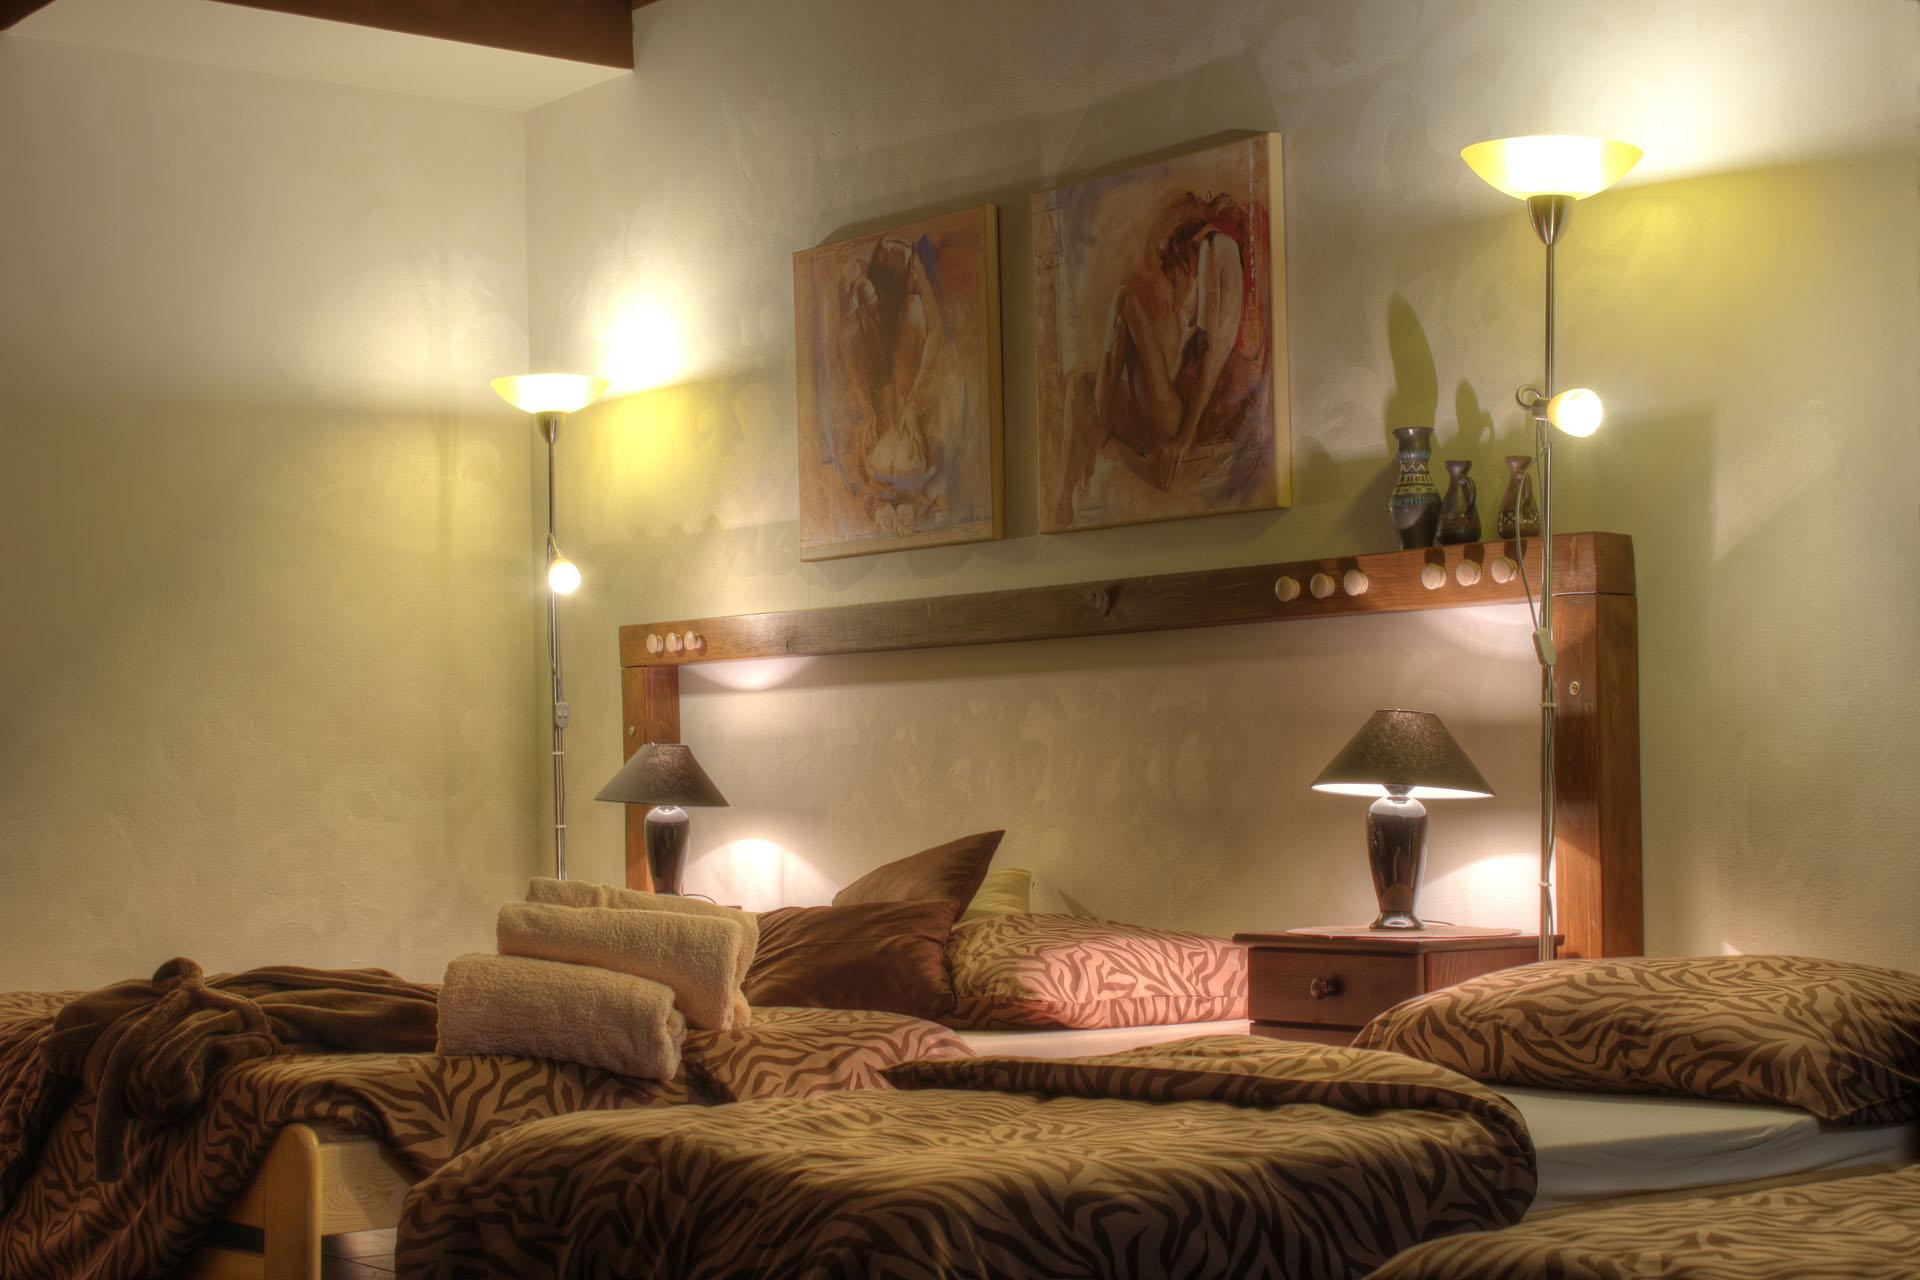 Manželská postel a válenda s nočními stolky a obrazy Talantbeka Chekirova v záplavě světel v pokoji Isabela